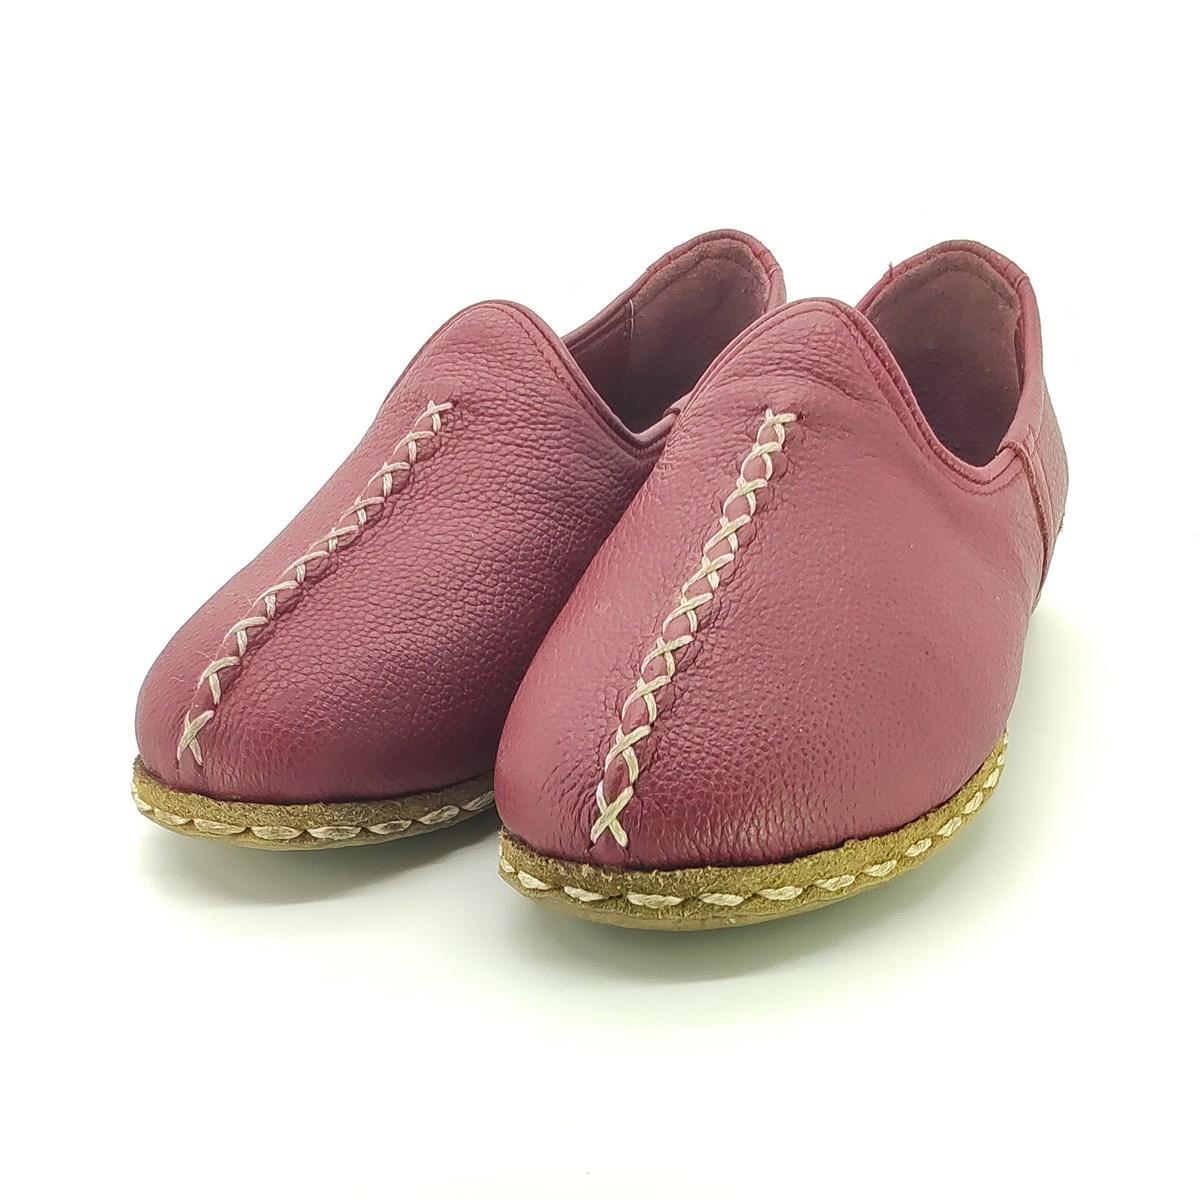 Ladies Walking Primavera Verão Casual alta qualidade genuína retro artesanal de couro lazer preguiçosos Shoes